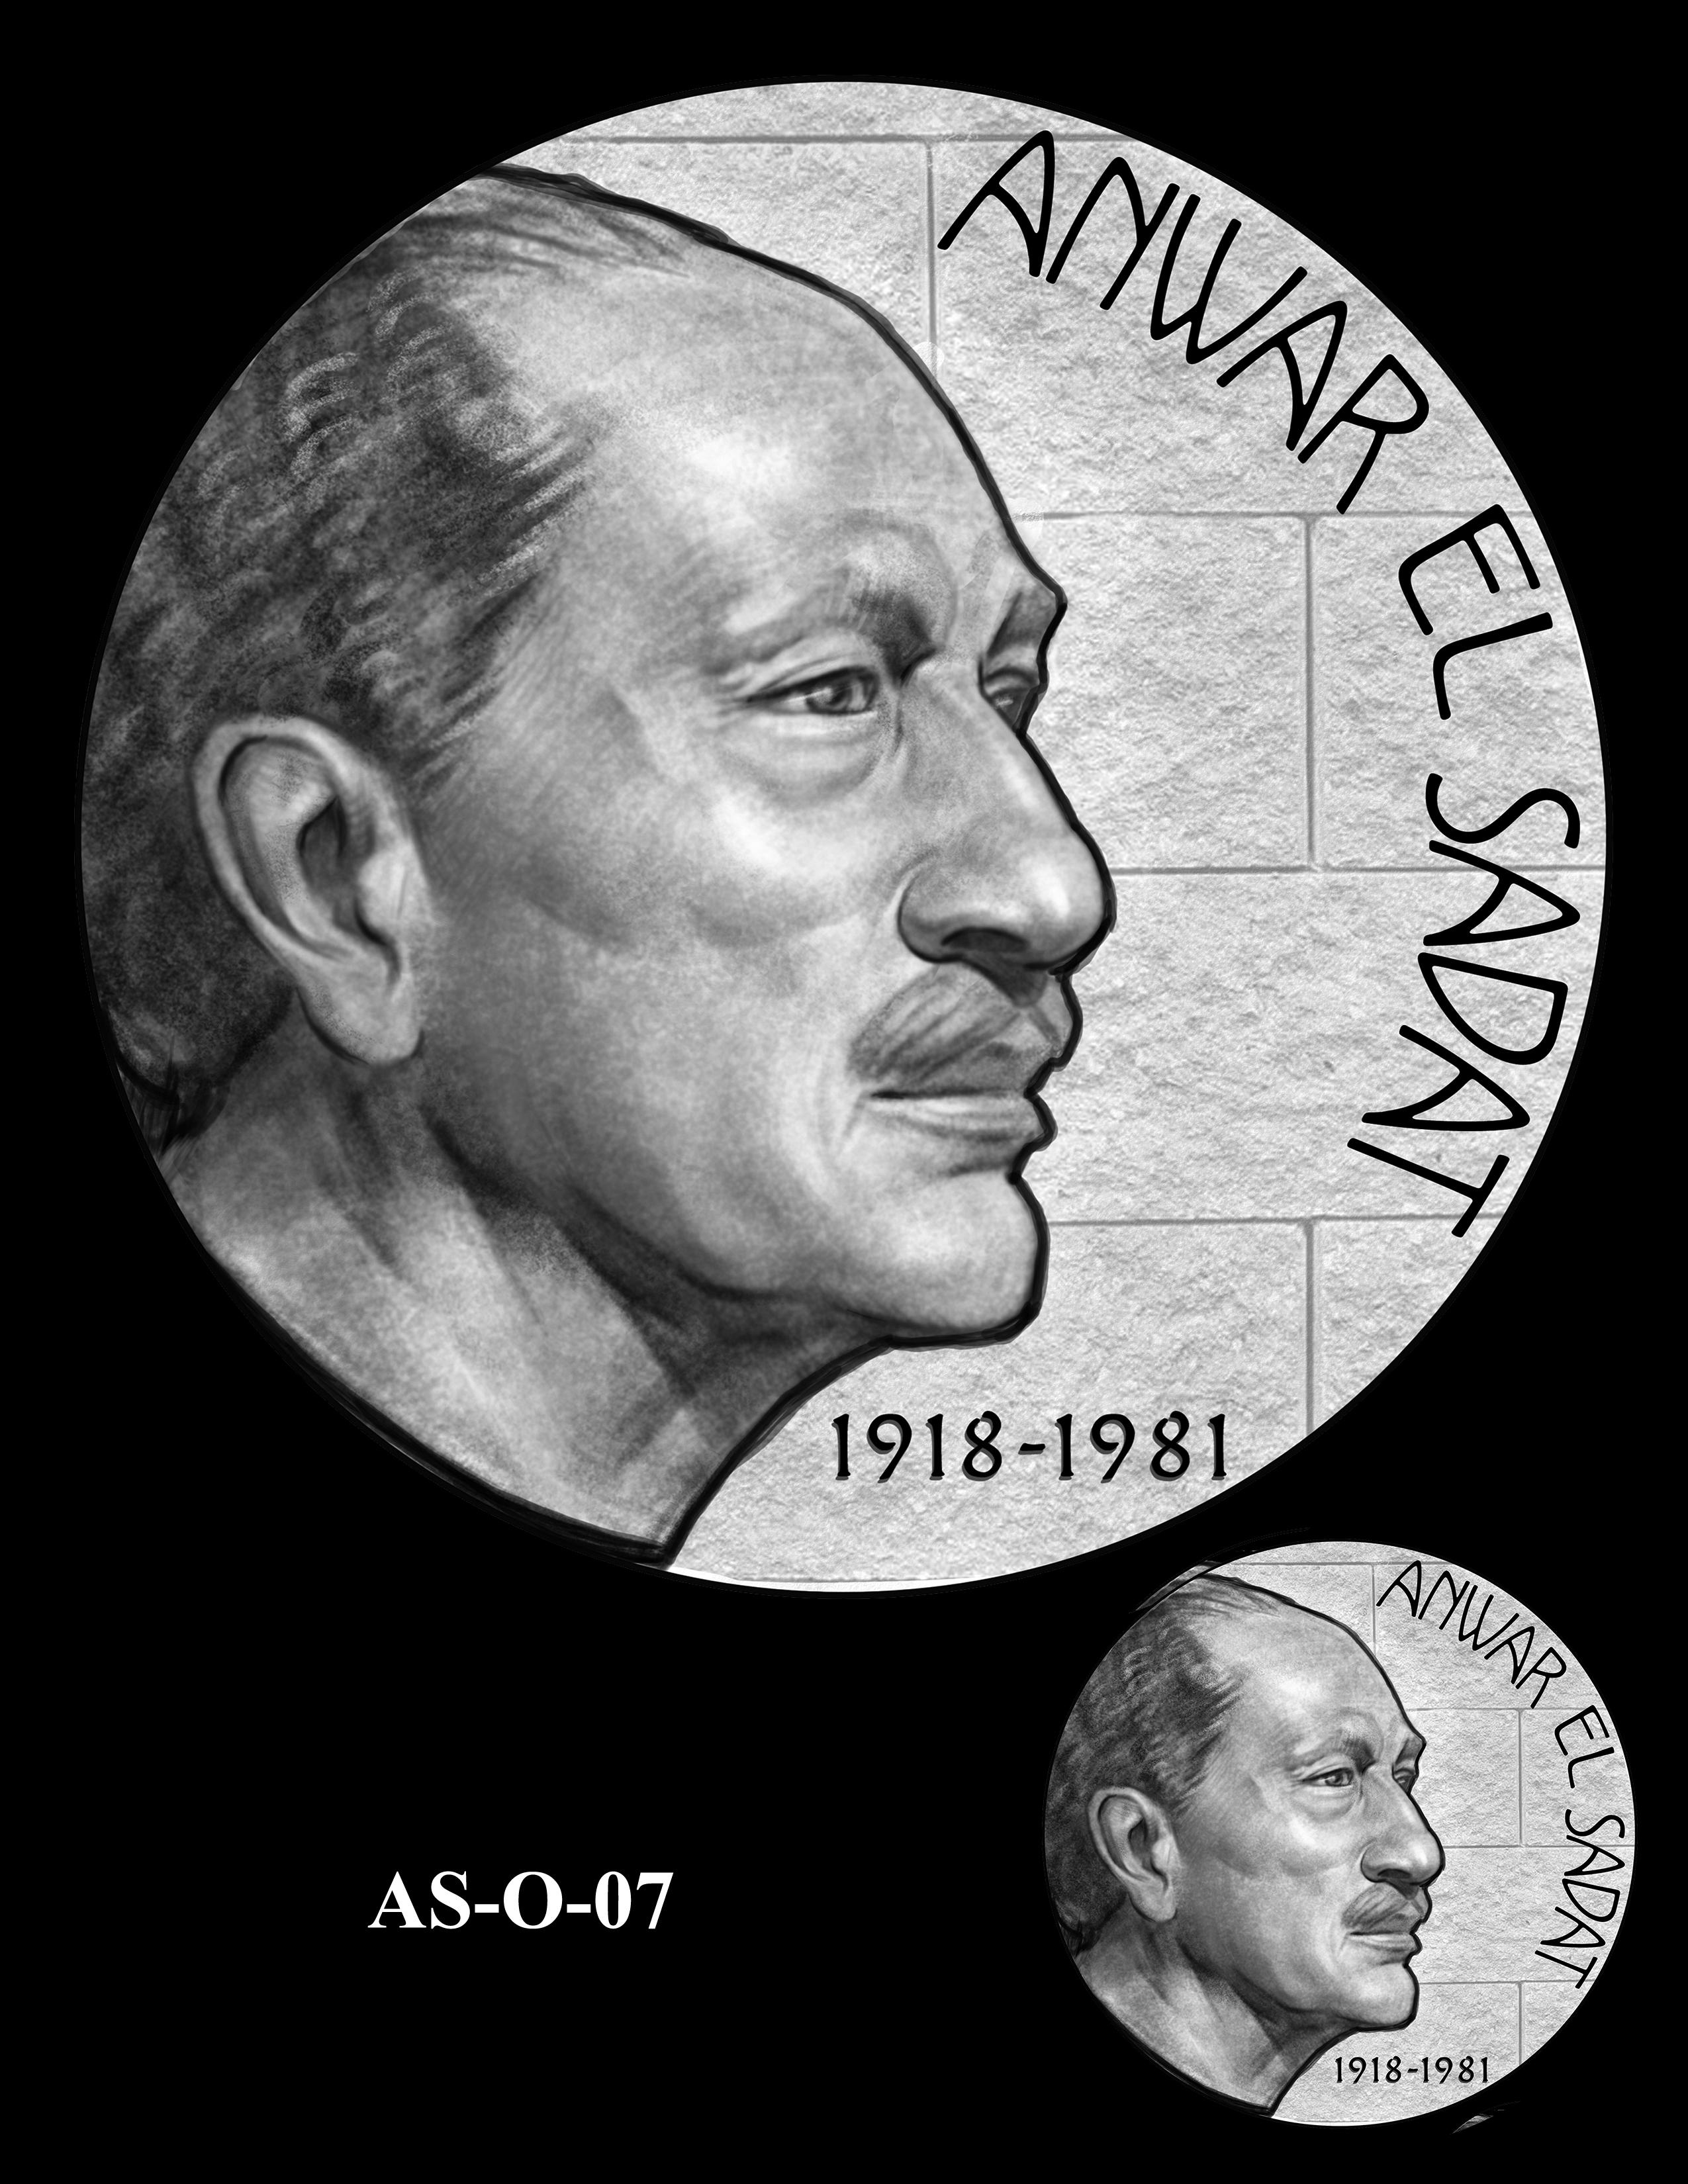 AS-O-07 -- Anwar El Sadat CGM Obverse